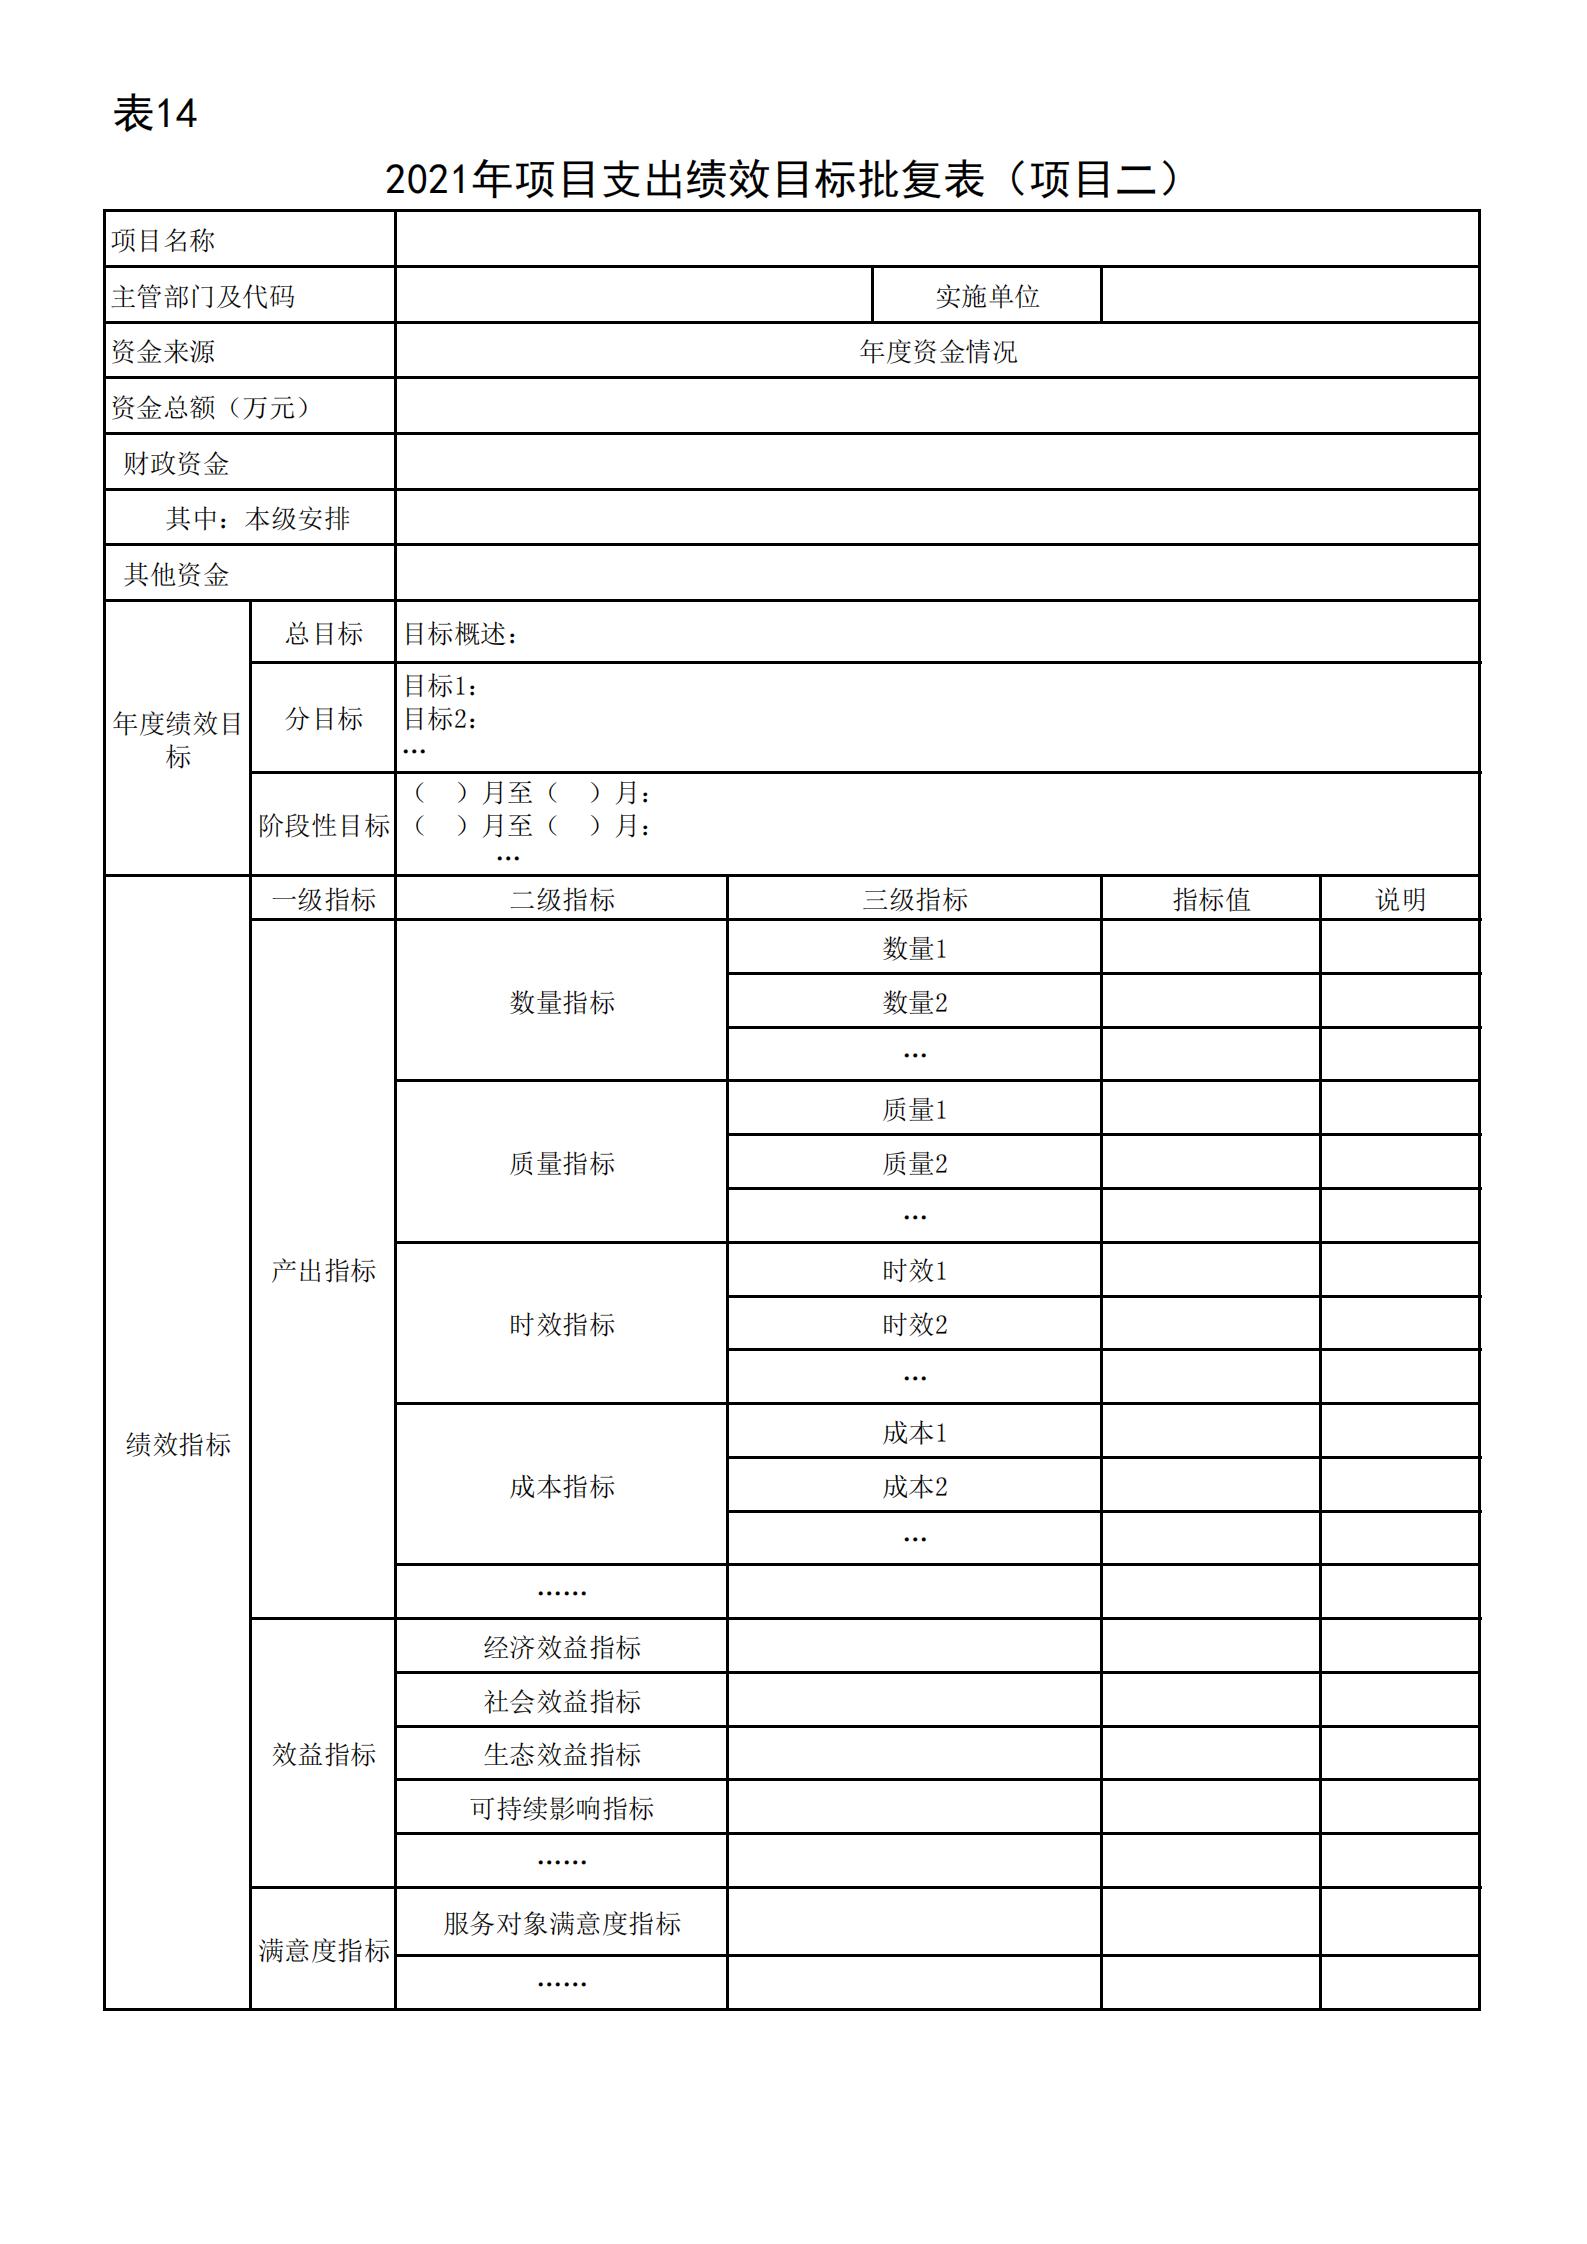 """共青团贵阳市委(本级)2021年度市级部门预算、""""三公""""经费预算公开说明(1)_27.png"""